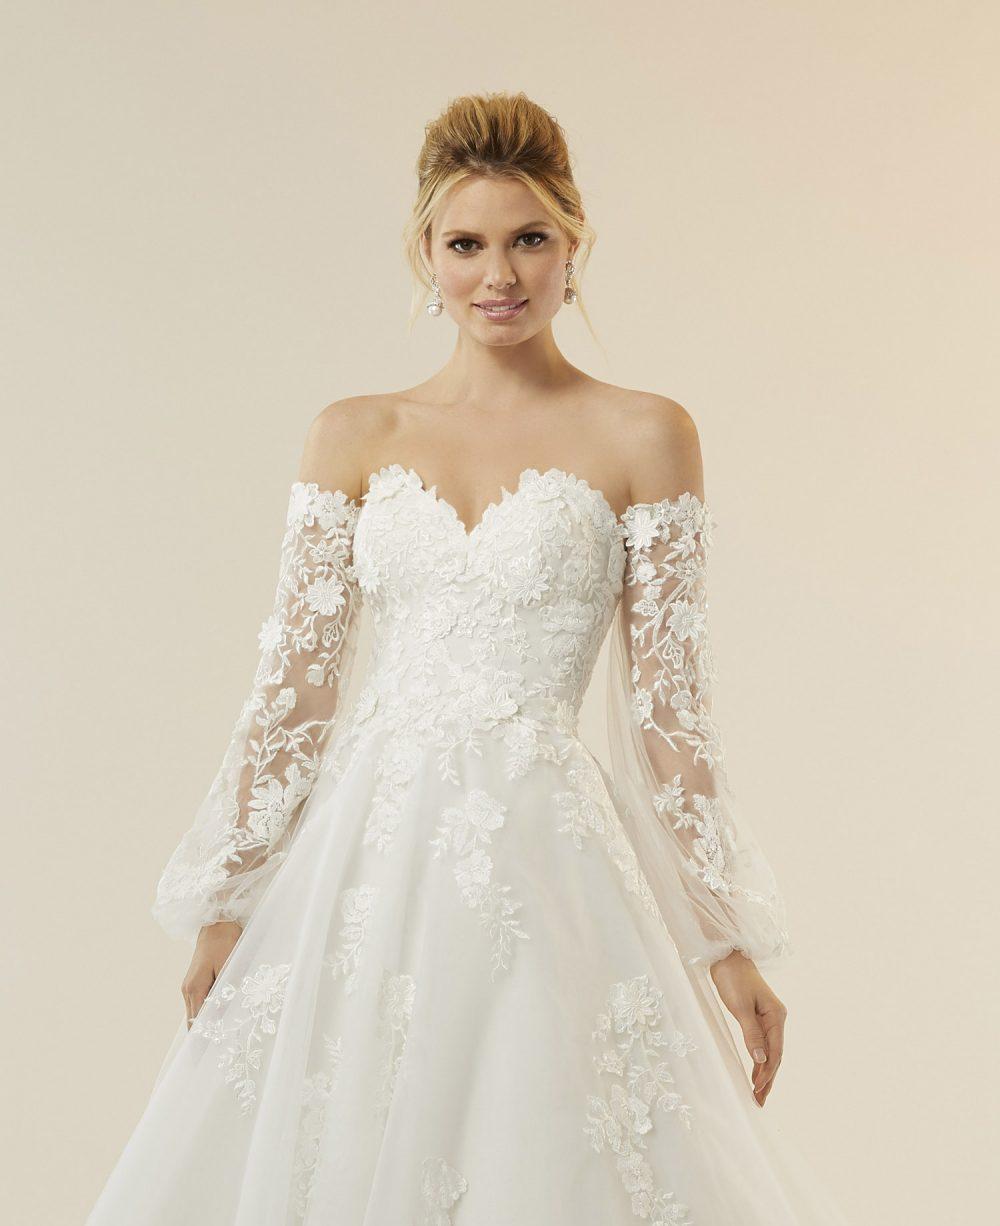 Mariages: abito da sposa Morilee 2021 a Vicenza, Verona, Padova, Veneto 51743